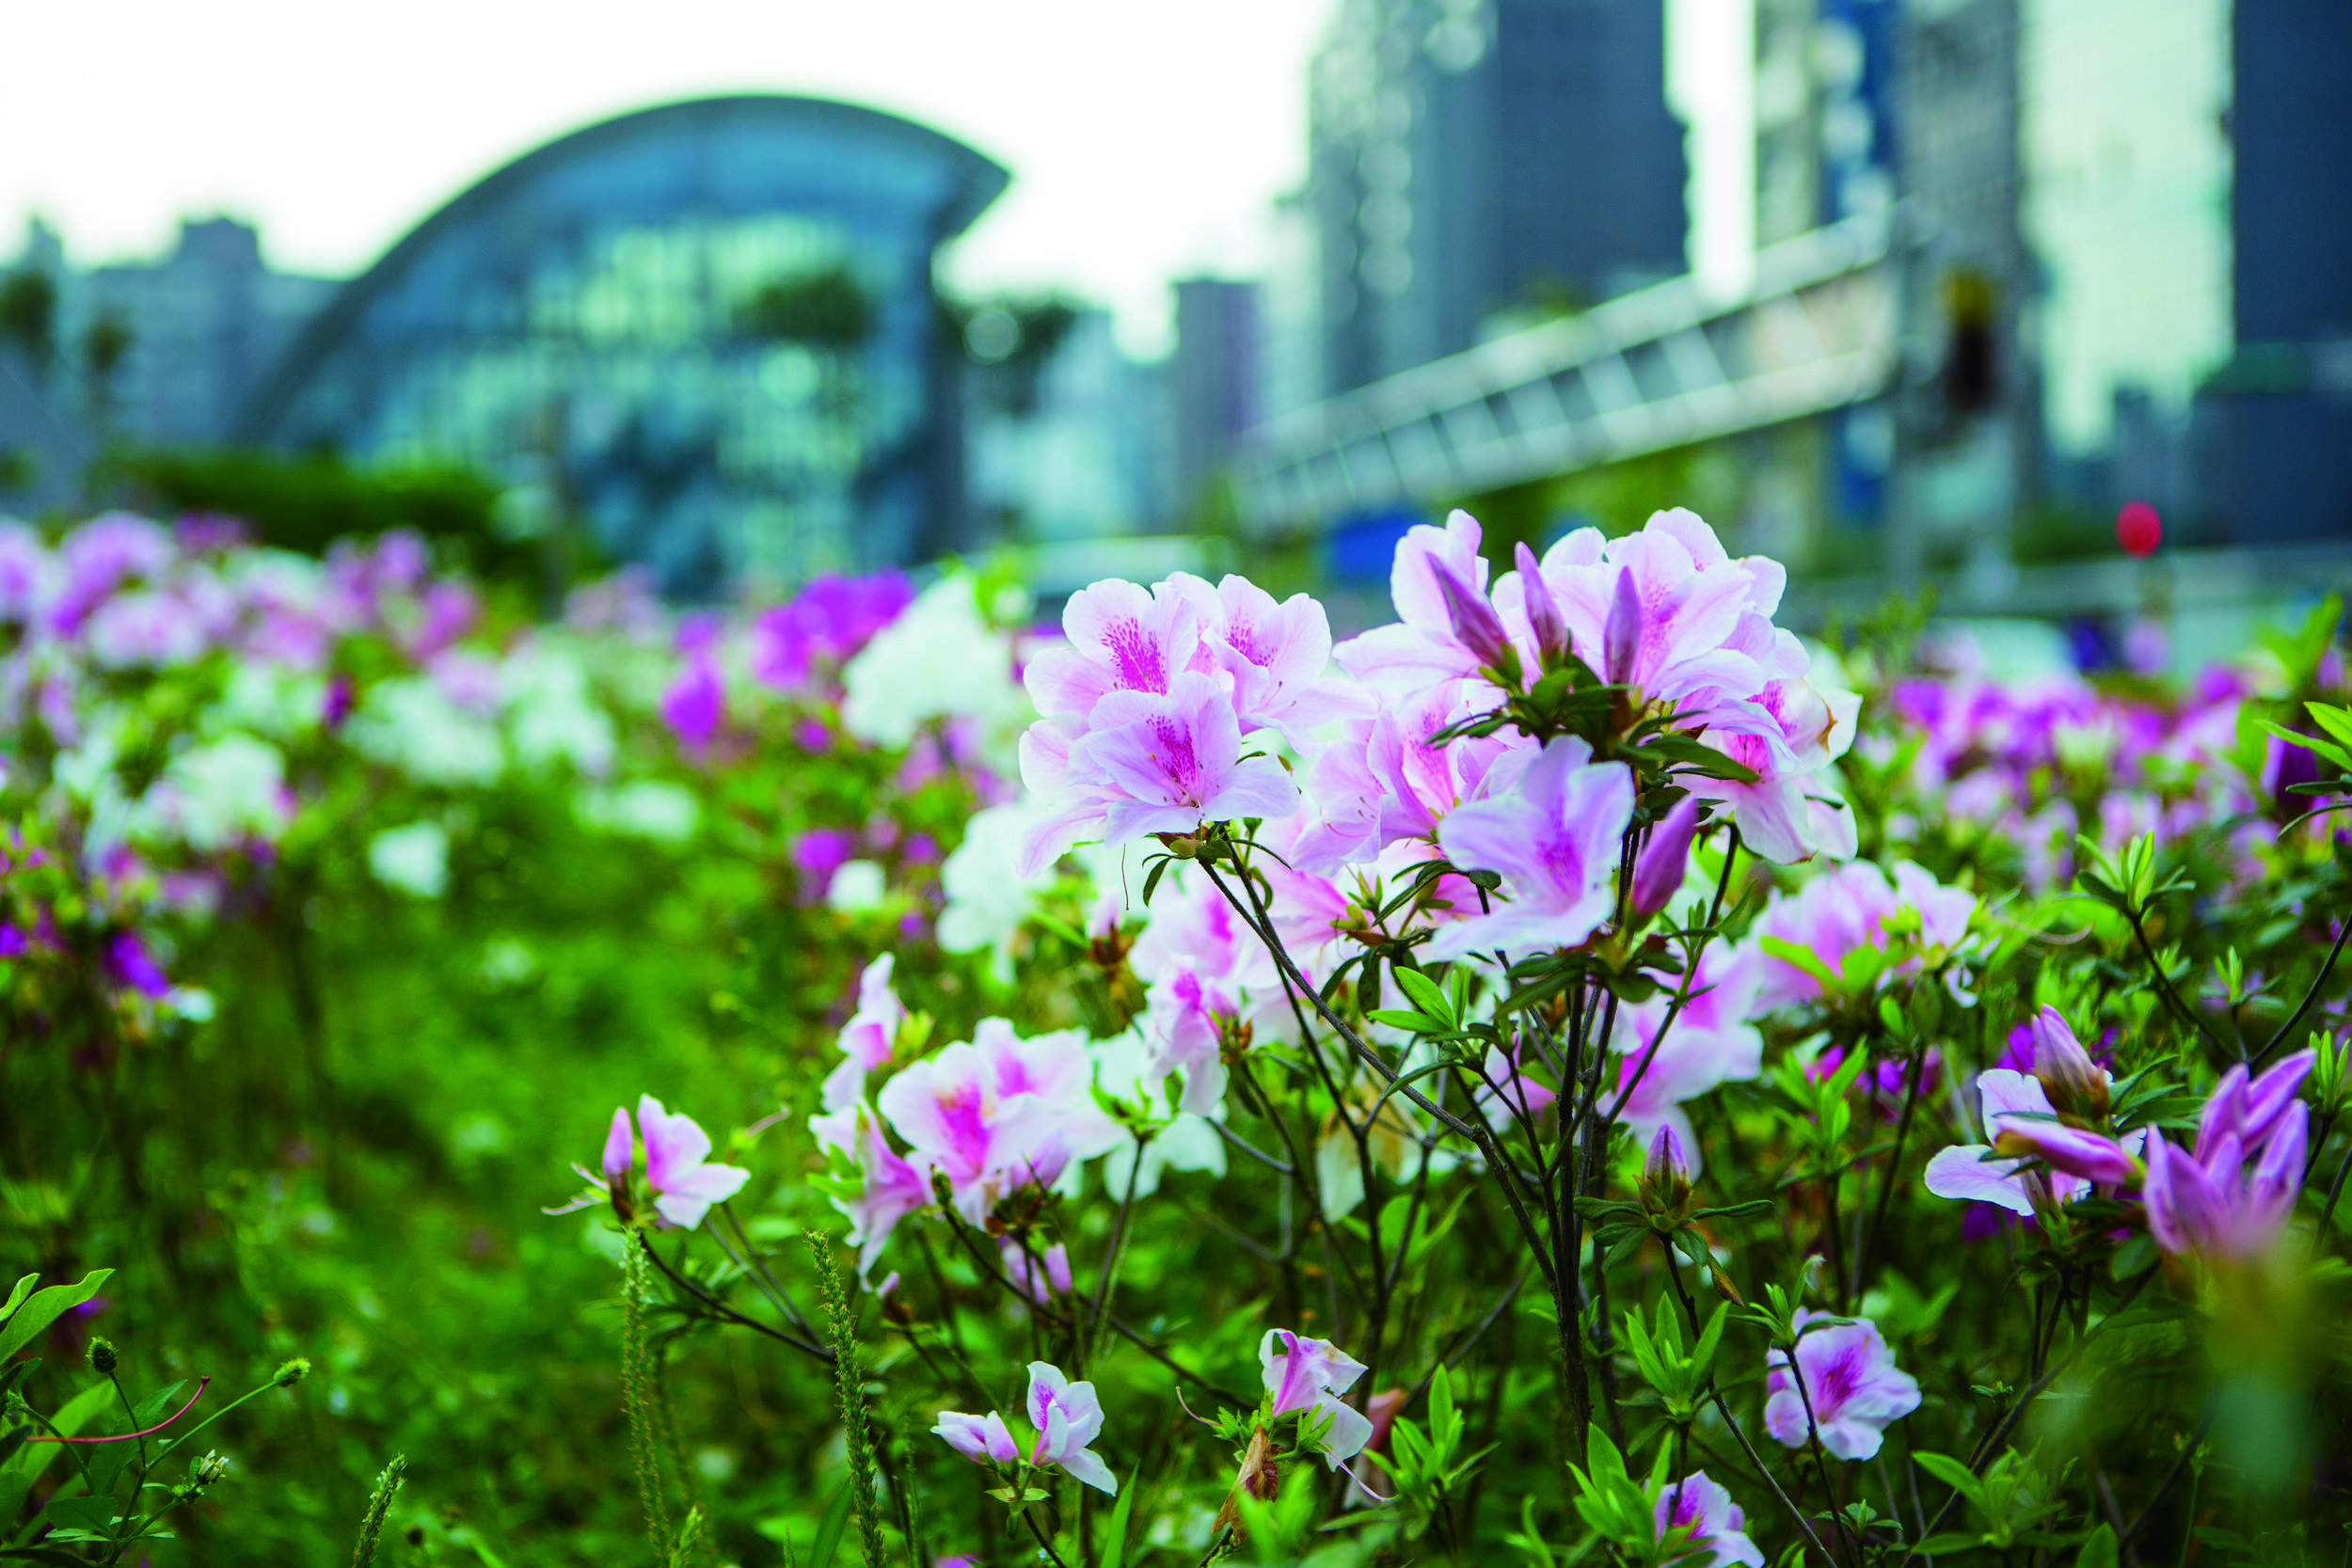 9、jeff26781-何承勳-大安森林公園杜鵑花-城市裡的主角.jpg